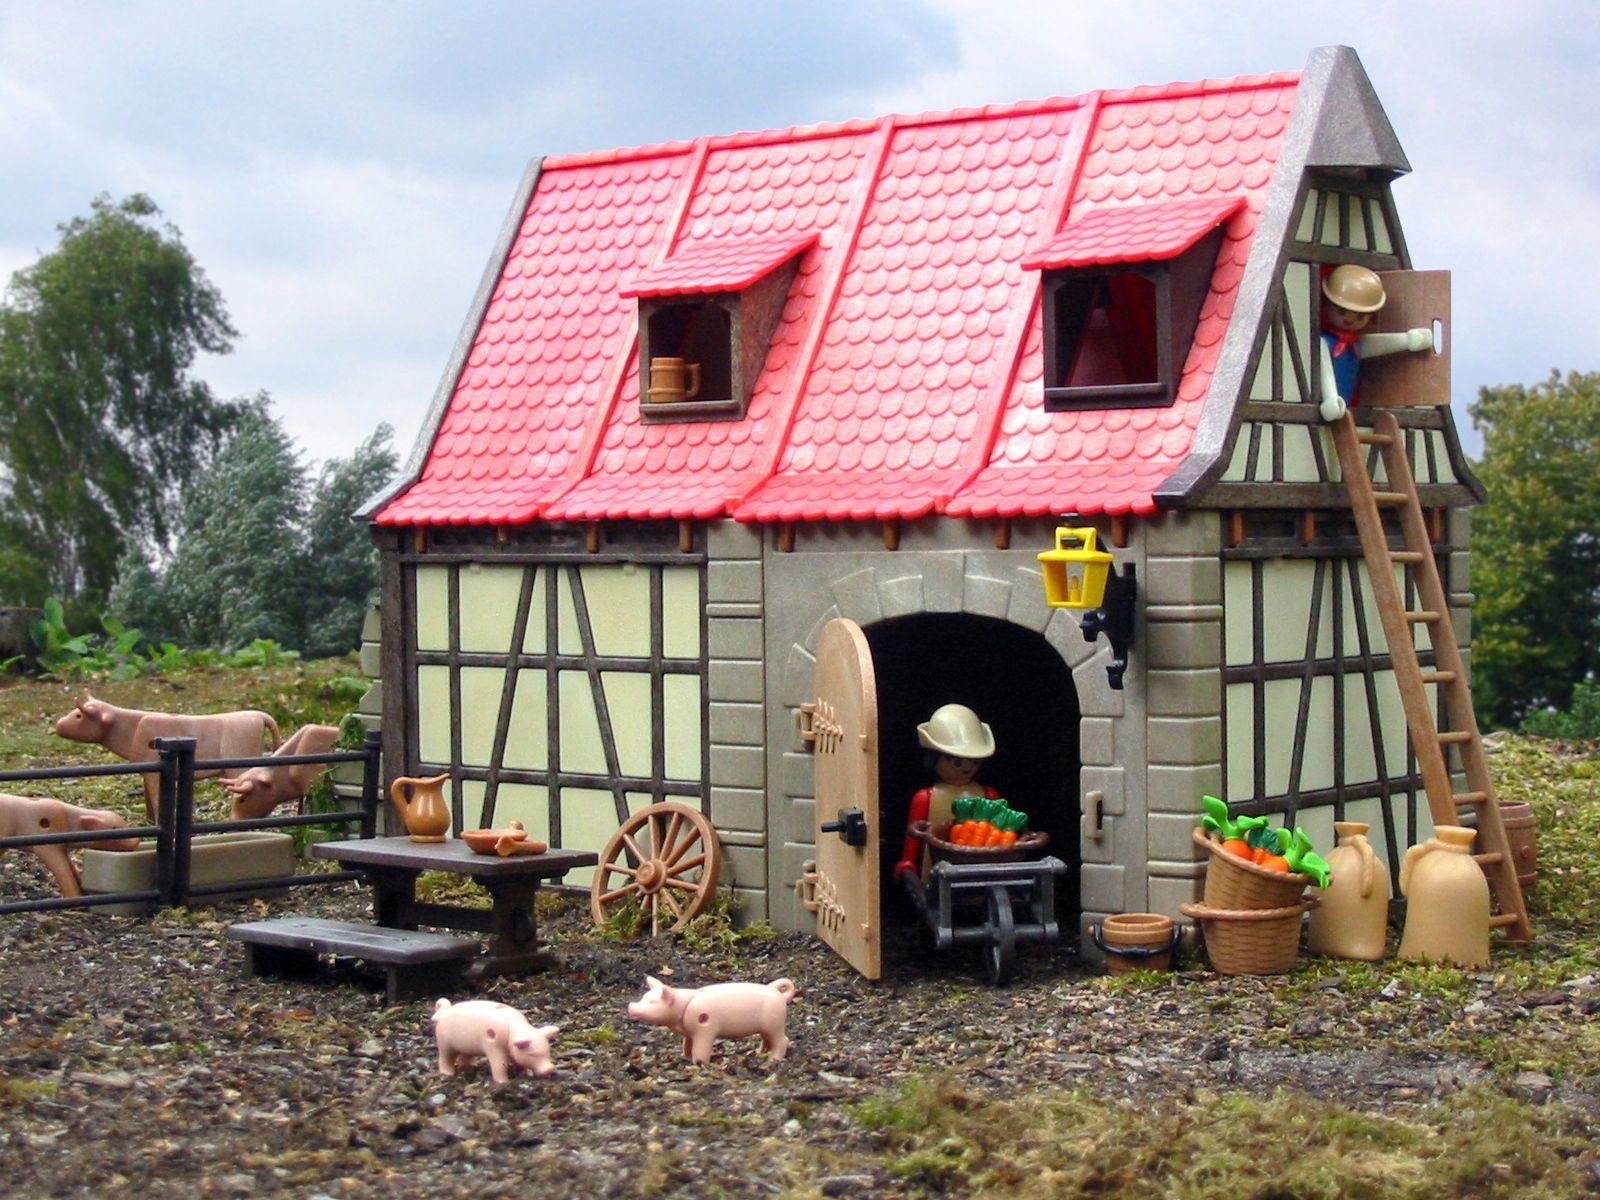 Playmobil farm house | ☆ Playmobil ➀ ☆ | Pinterest | Playmobil ... for Farmhouse Playmobil  156eri